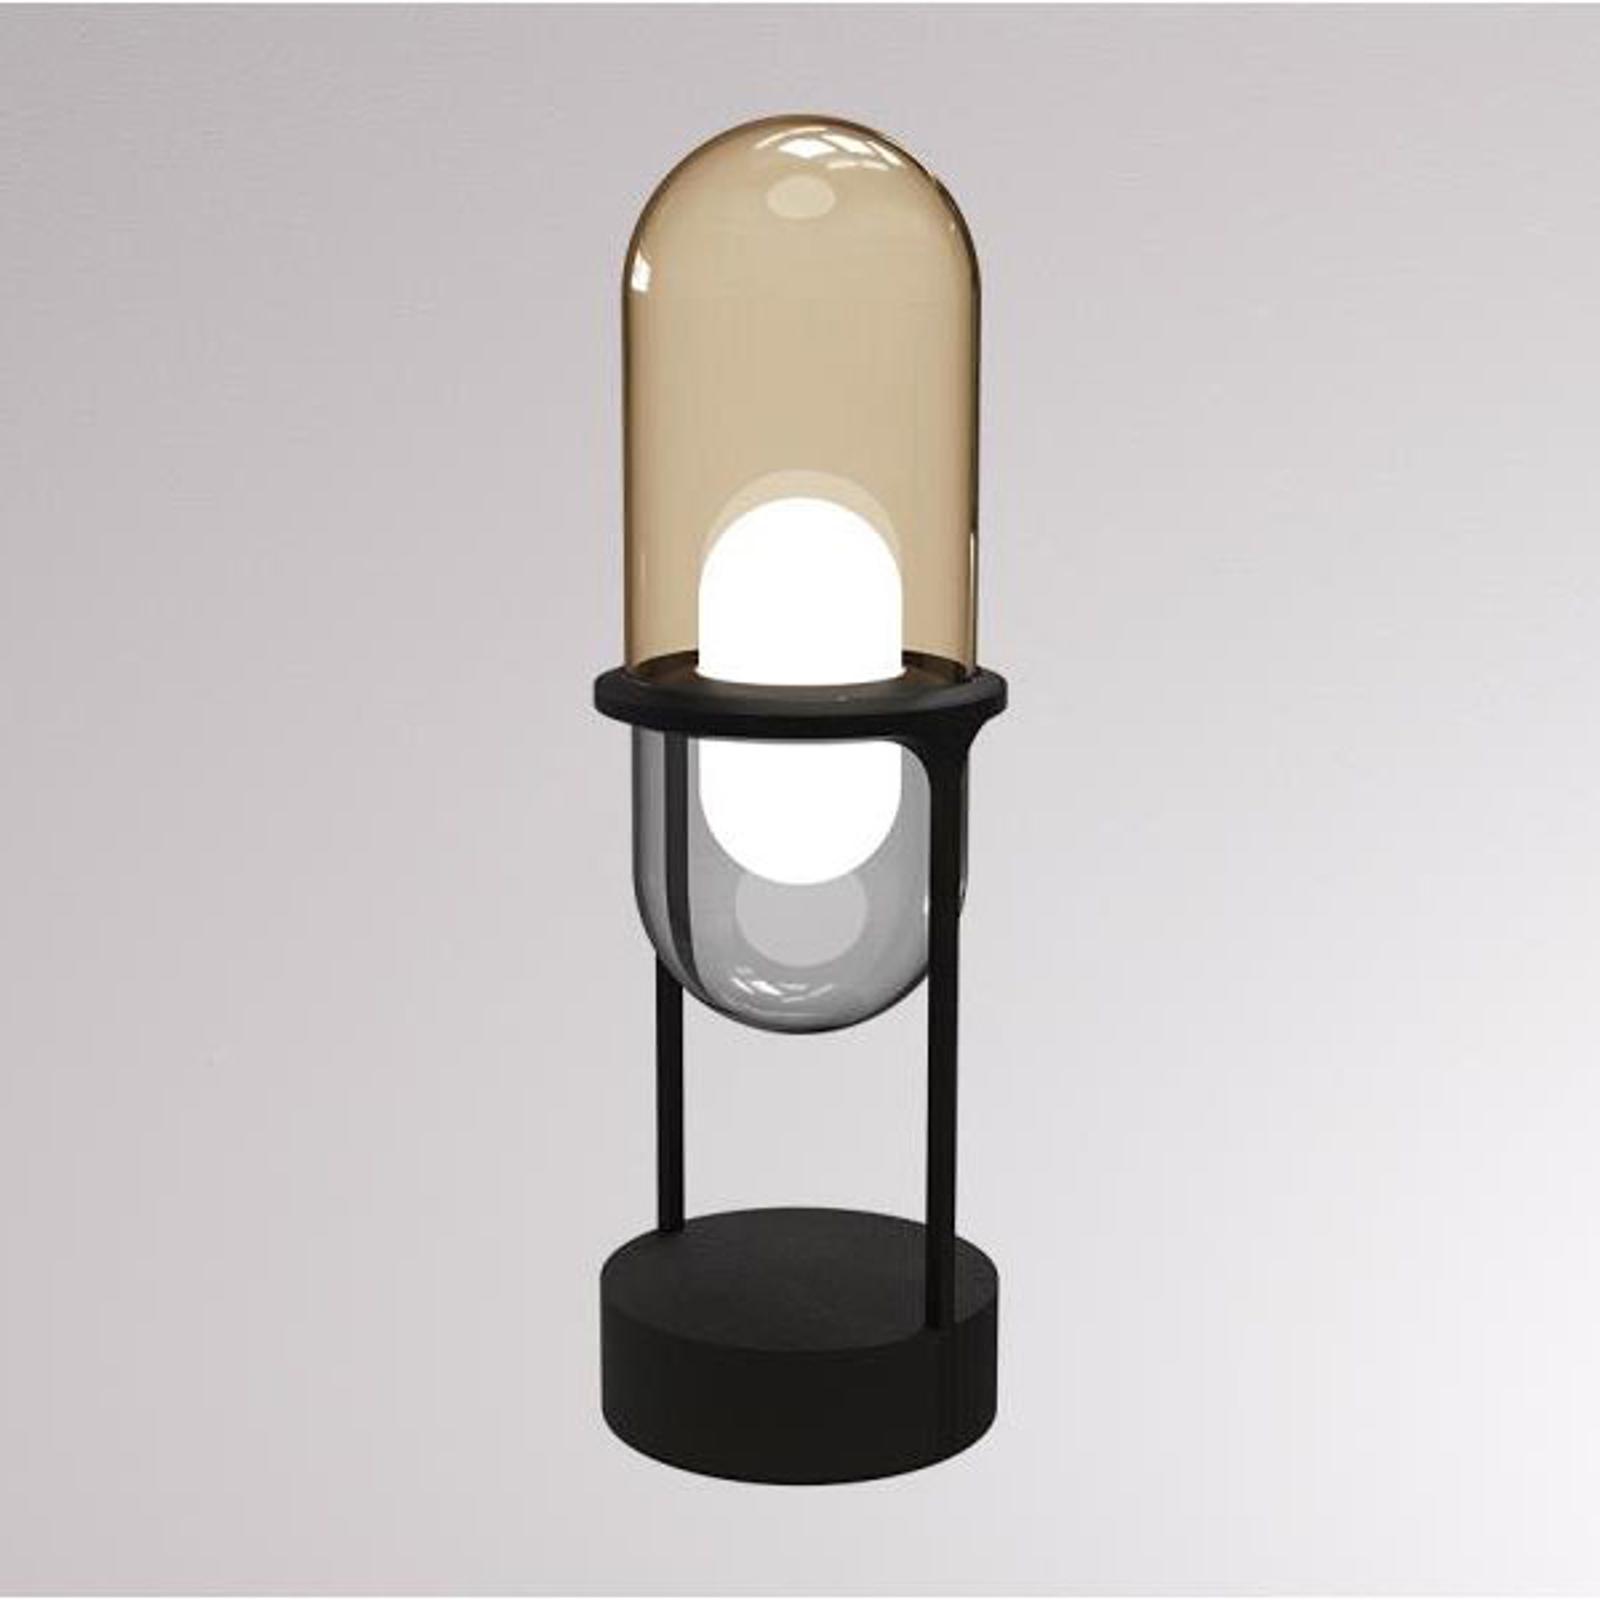 LOUM Pille lampe à poser LED champagne/grise